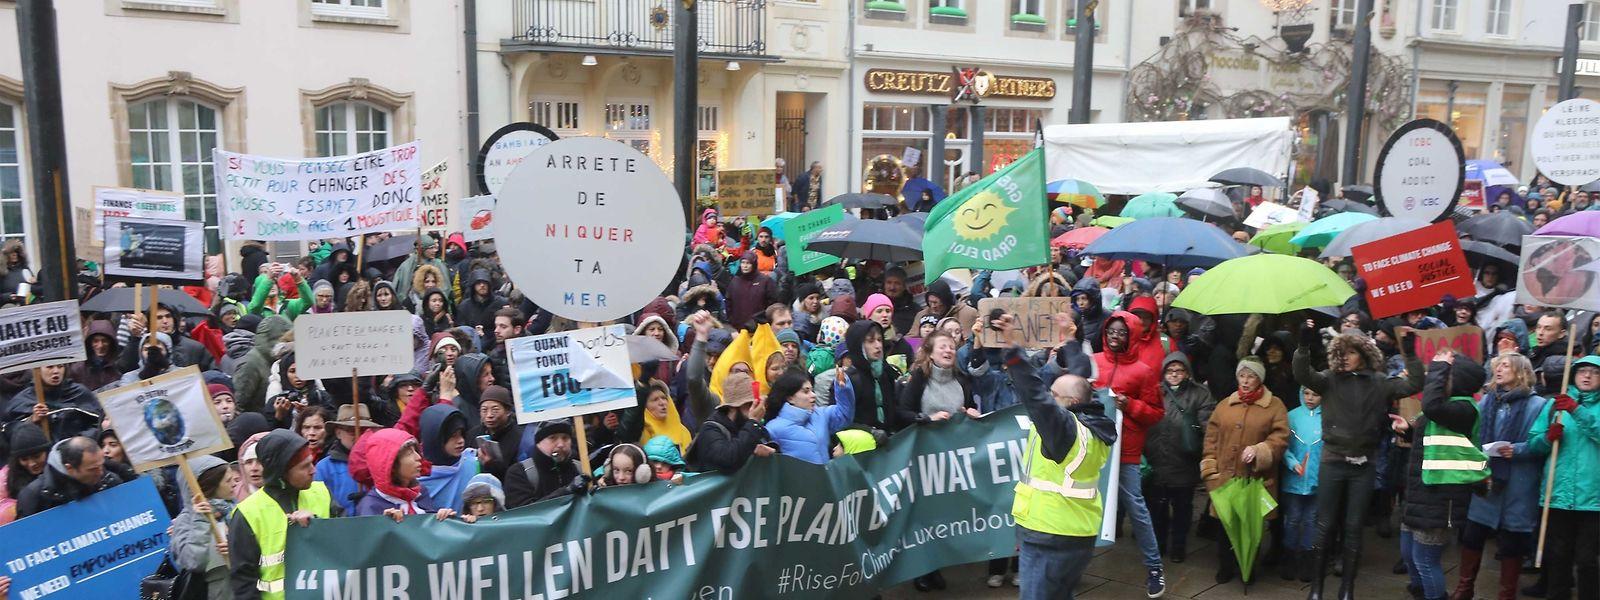 La marche pour le climat est partie du Glacis pour se rendre à la Chambre des députés.